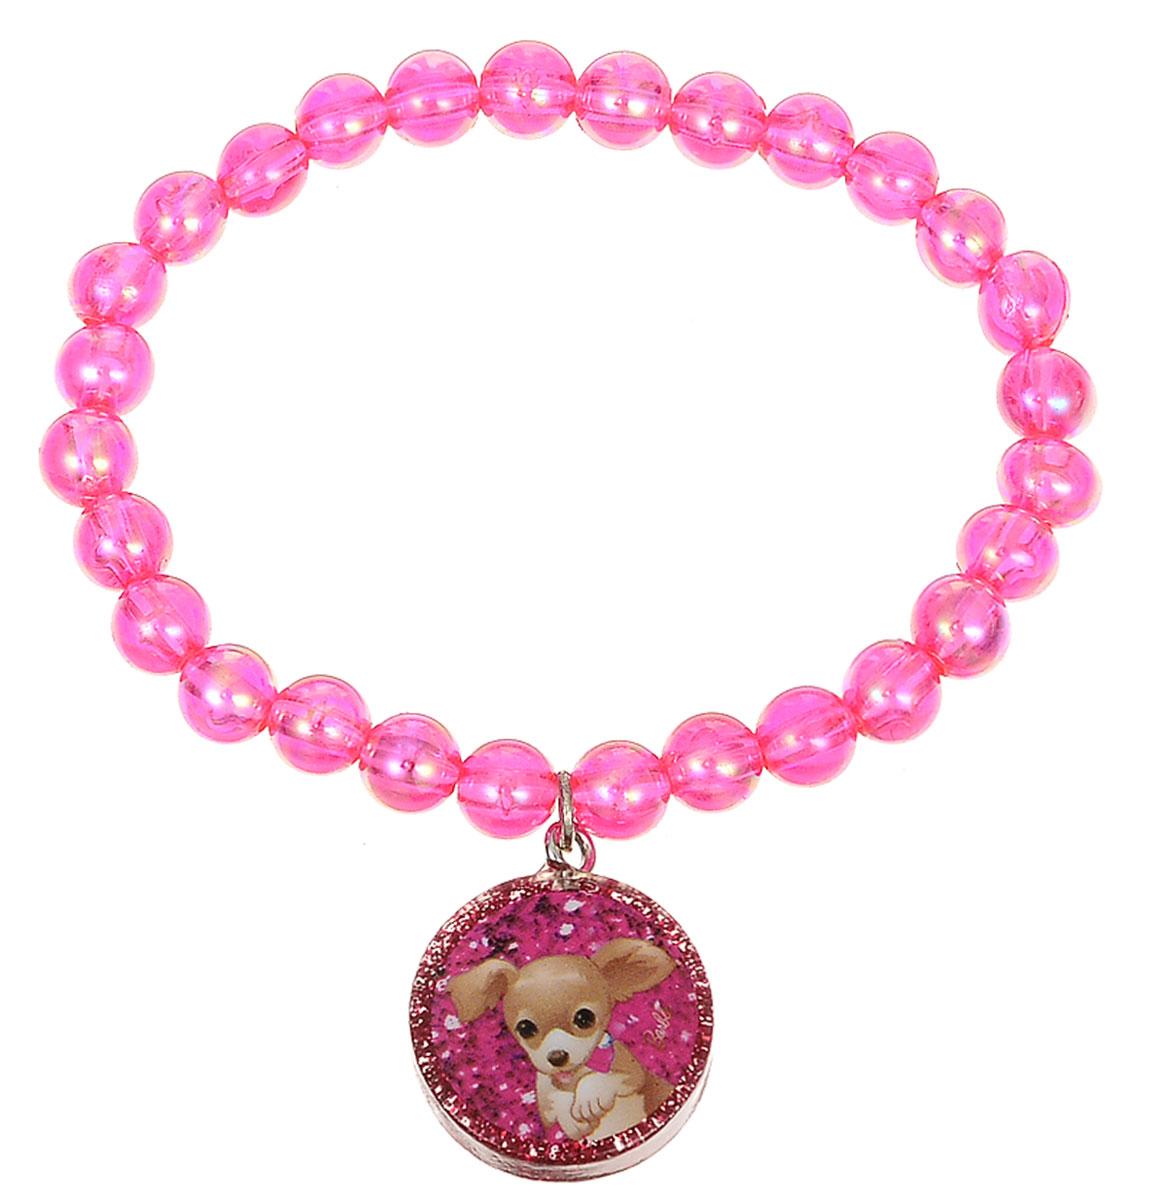 Браслет для девочки Barbie, цвет: розовый. 0905103309051033Оригинальный браслет Barbie станет изюминкой образа юной леди. Изделие изготовлено из гипоаллергенных материалов, не имеет заостренных деталей и абсолютно безопасно для ребенка. Браслет выполнен из бусин, собранных на эластичной резинке, и декорирован подвеской с изображением трогательного щенка. Рекомендуемый возраст: от 3х лет.